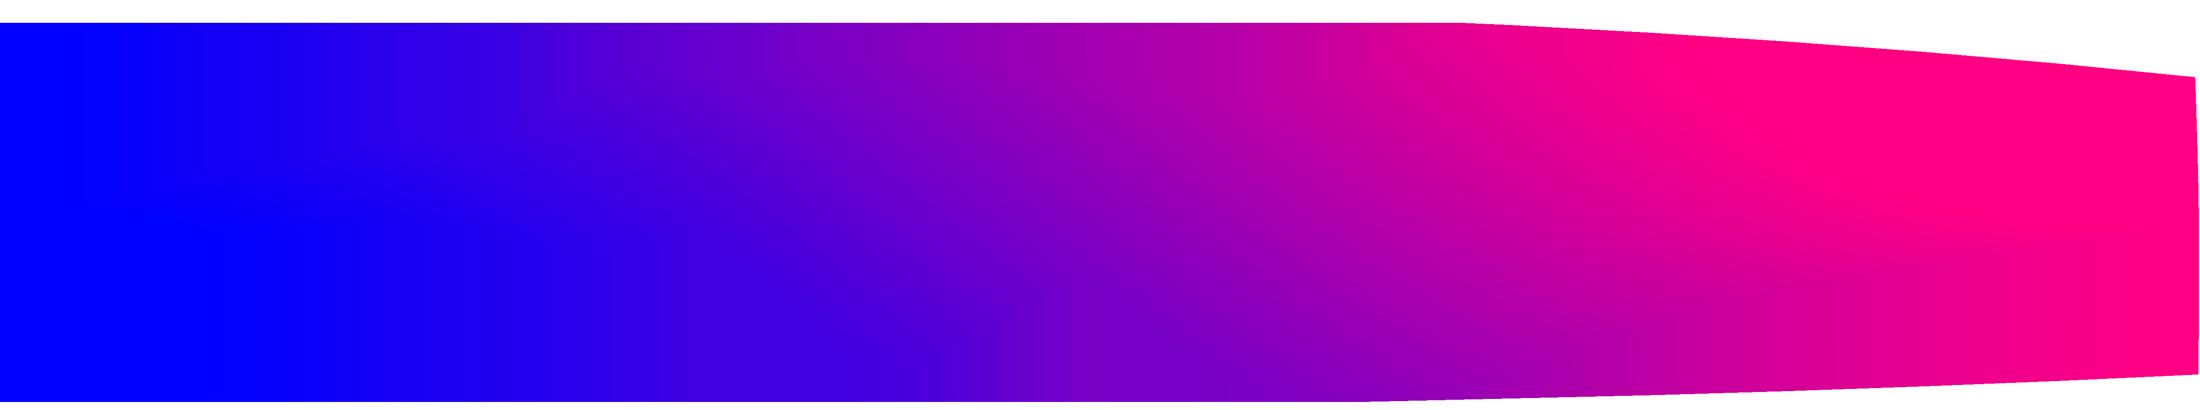 grid-divider